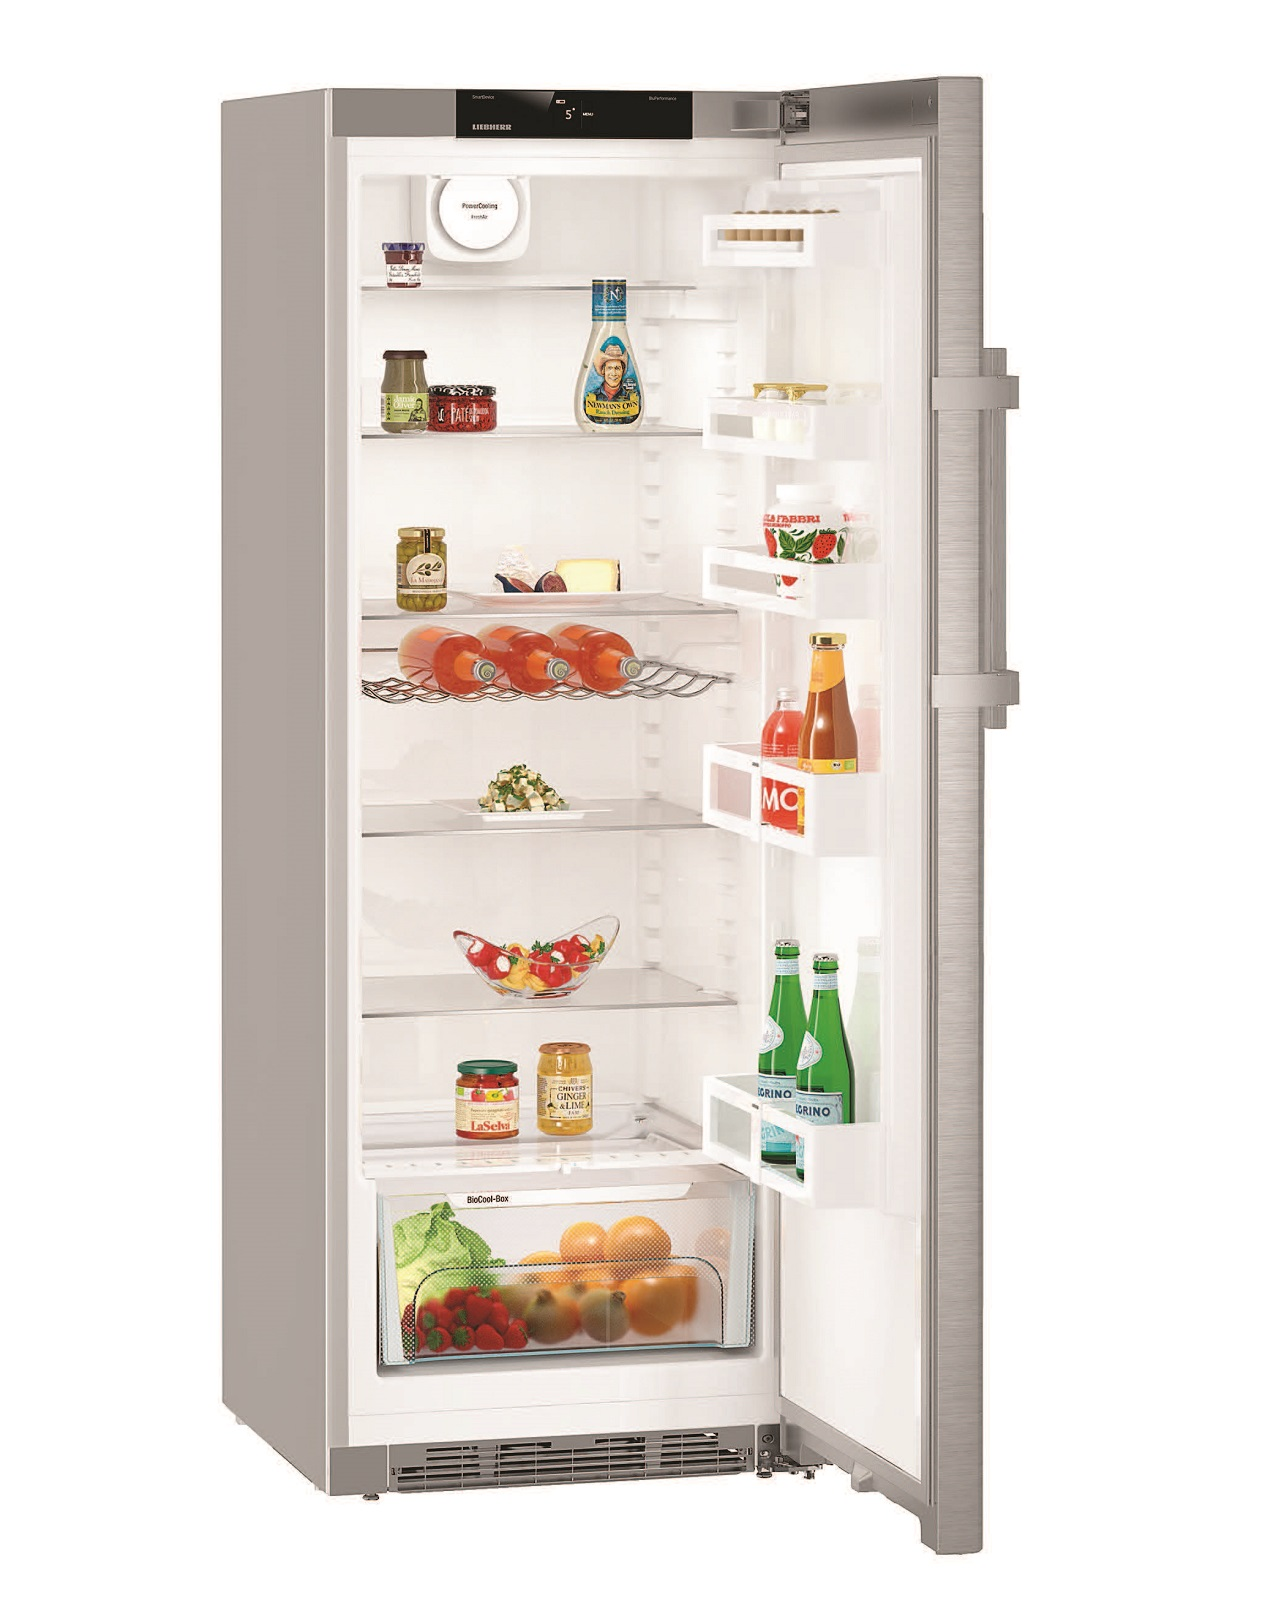 Однокамерный холодильник Liebherr Kef 3710 купить украина